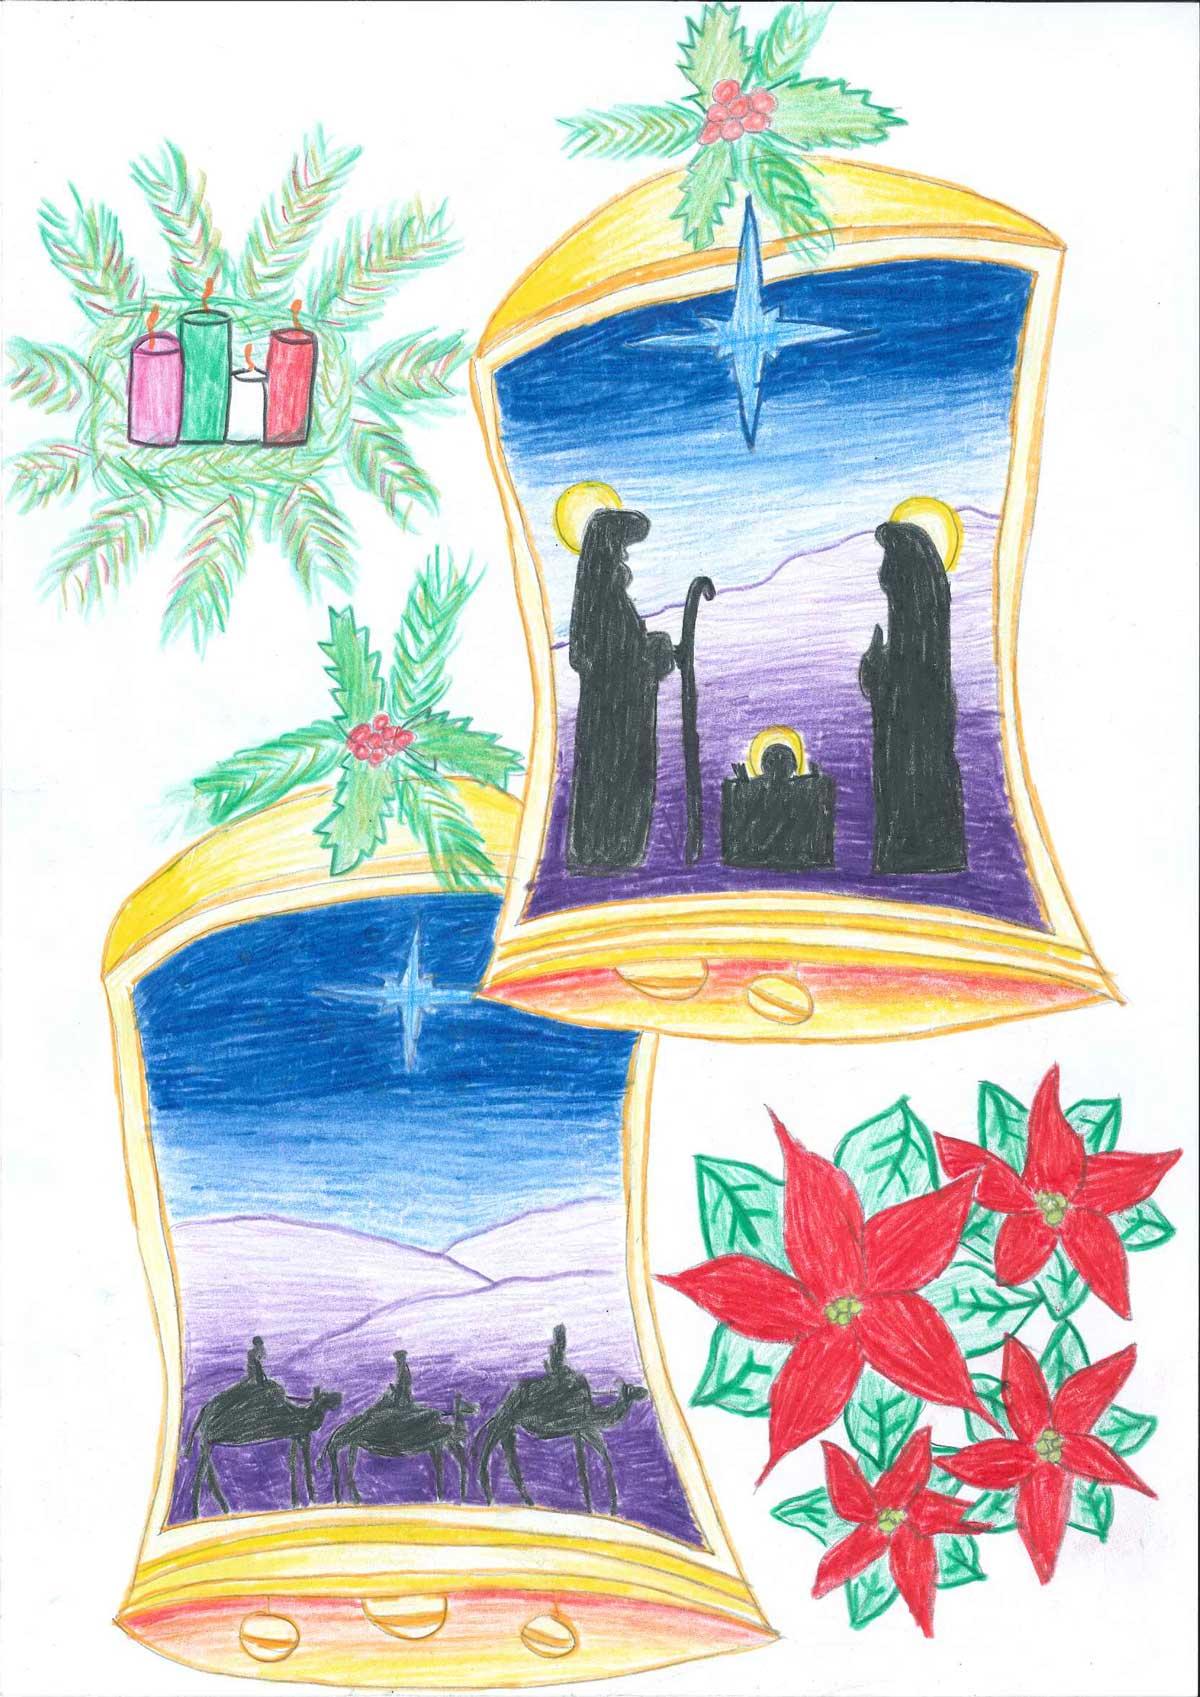 Mención: A.C.R. Colegio Sagrado Corazón de Jesús de Zamora.